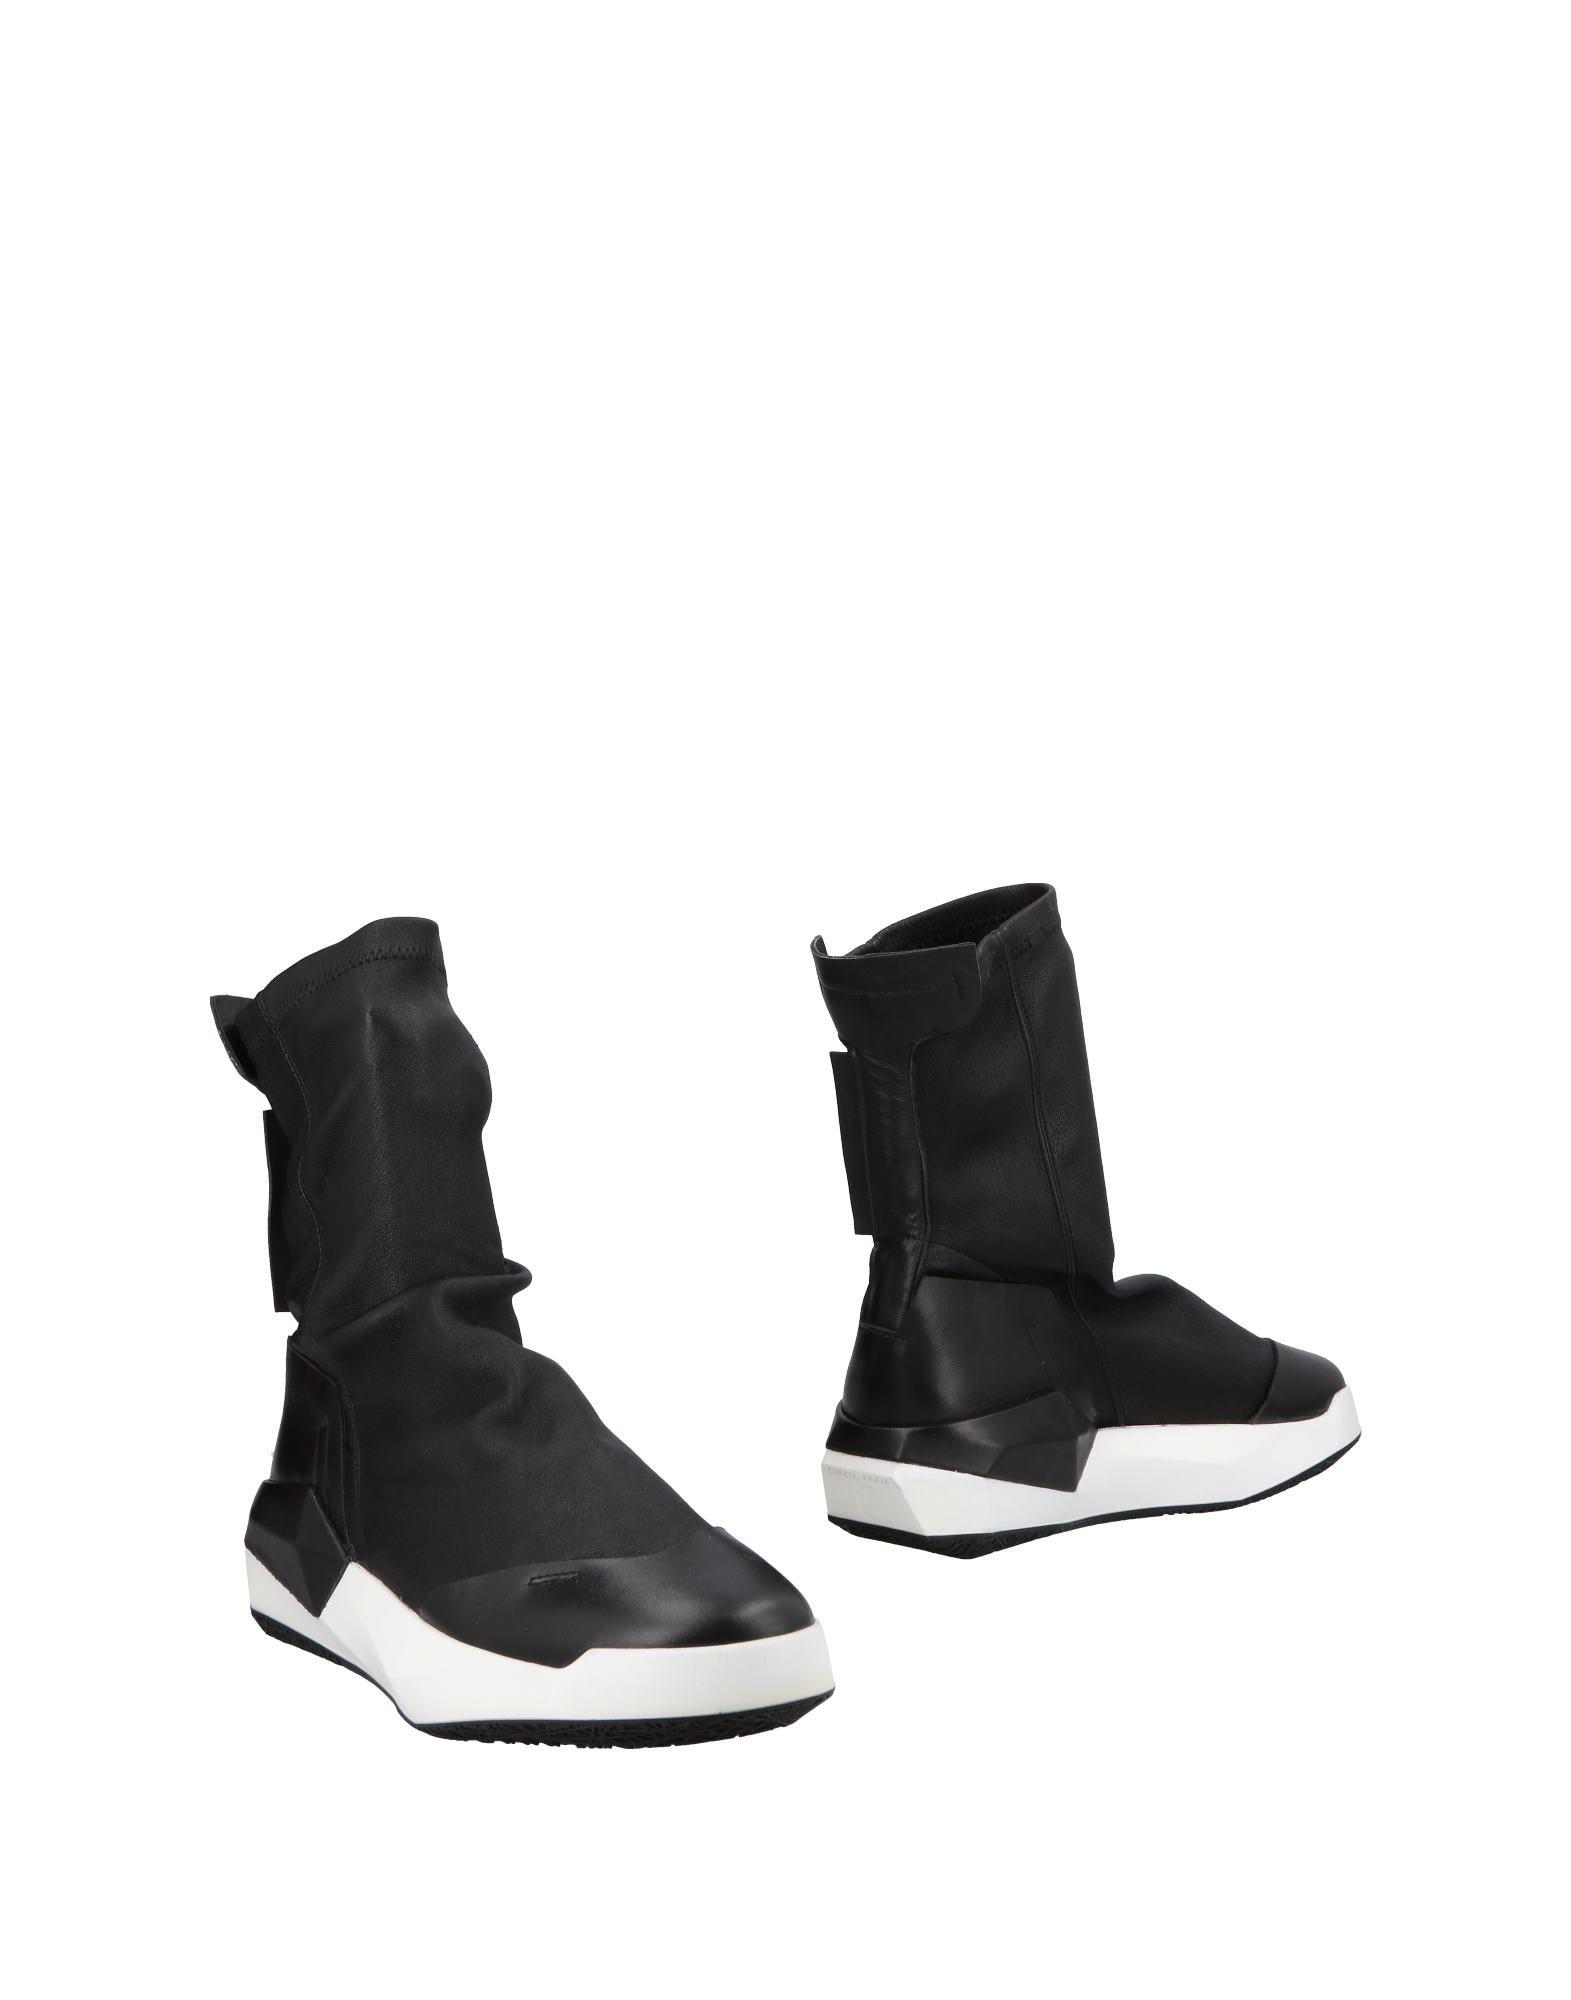 Cinzia Araia Stiefelette Herren  11493777TC Gute Qualität beliebte Schuhe